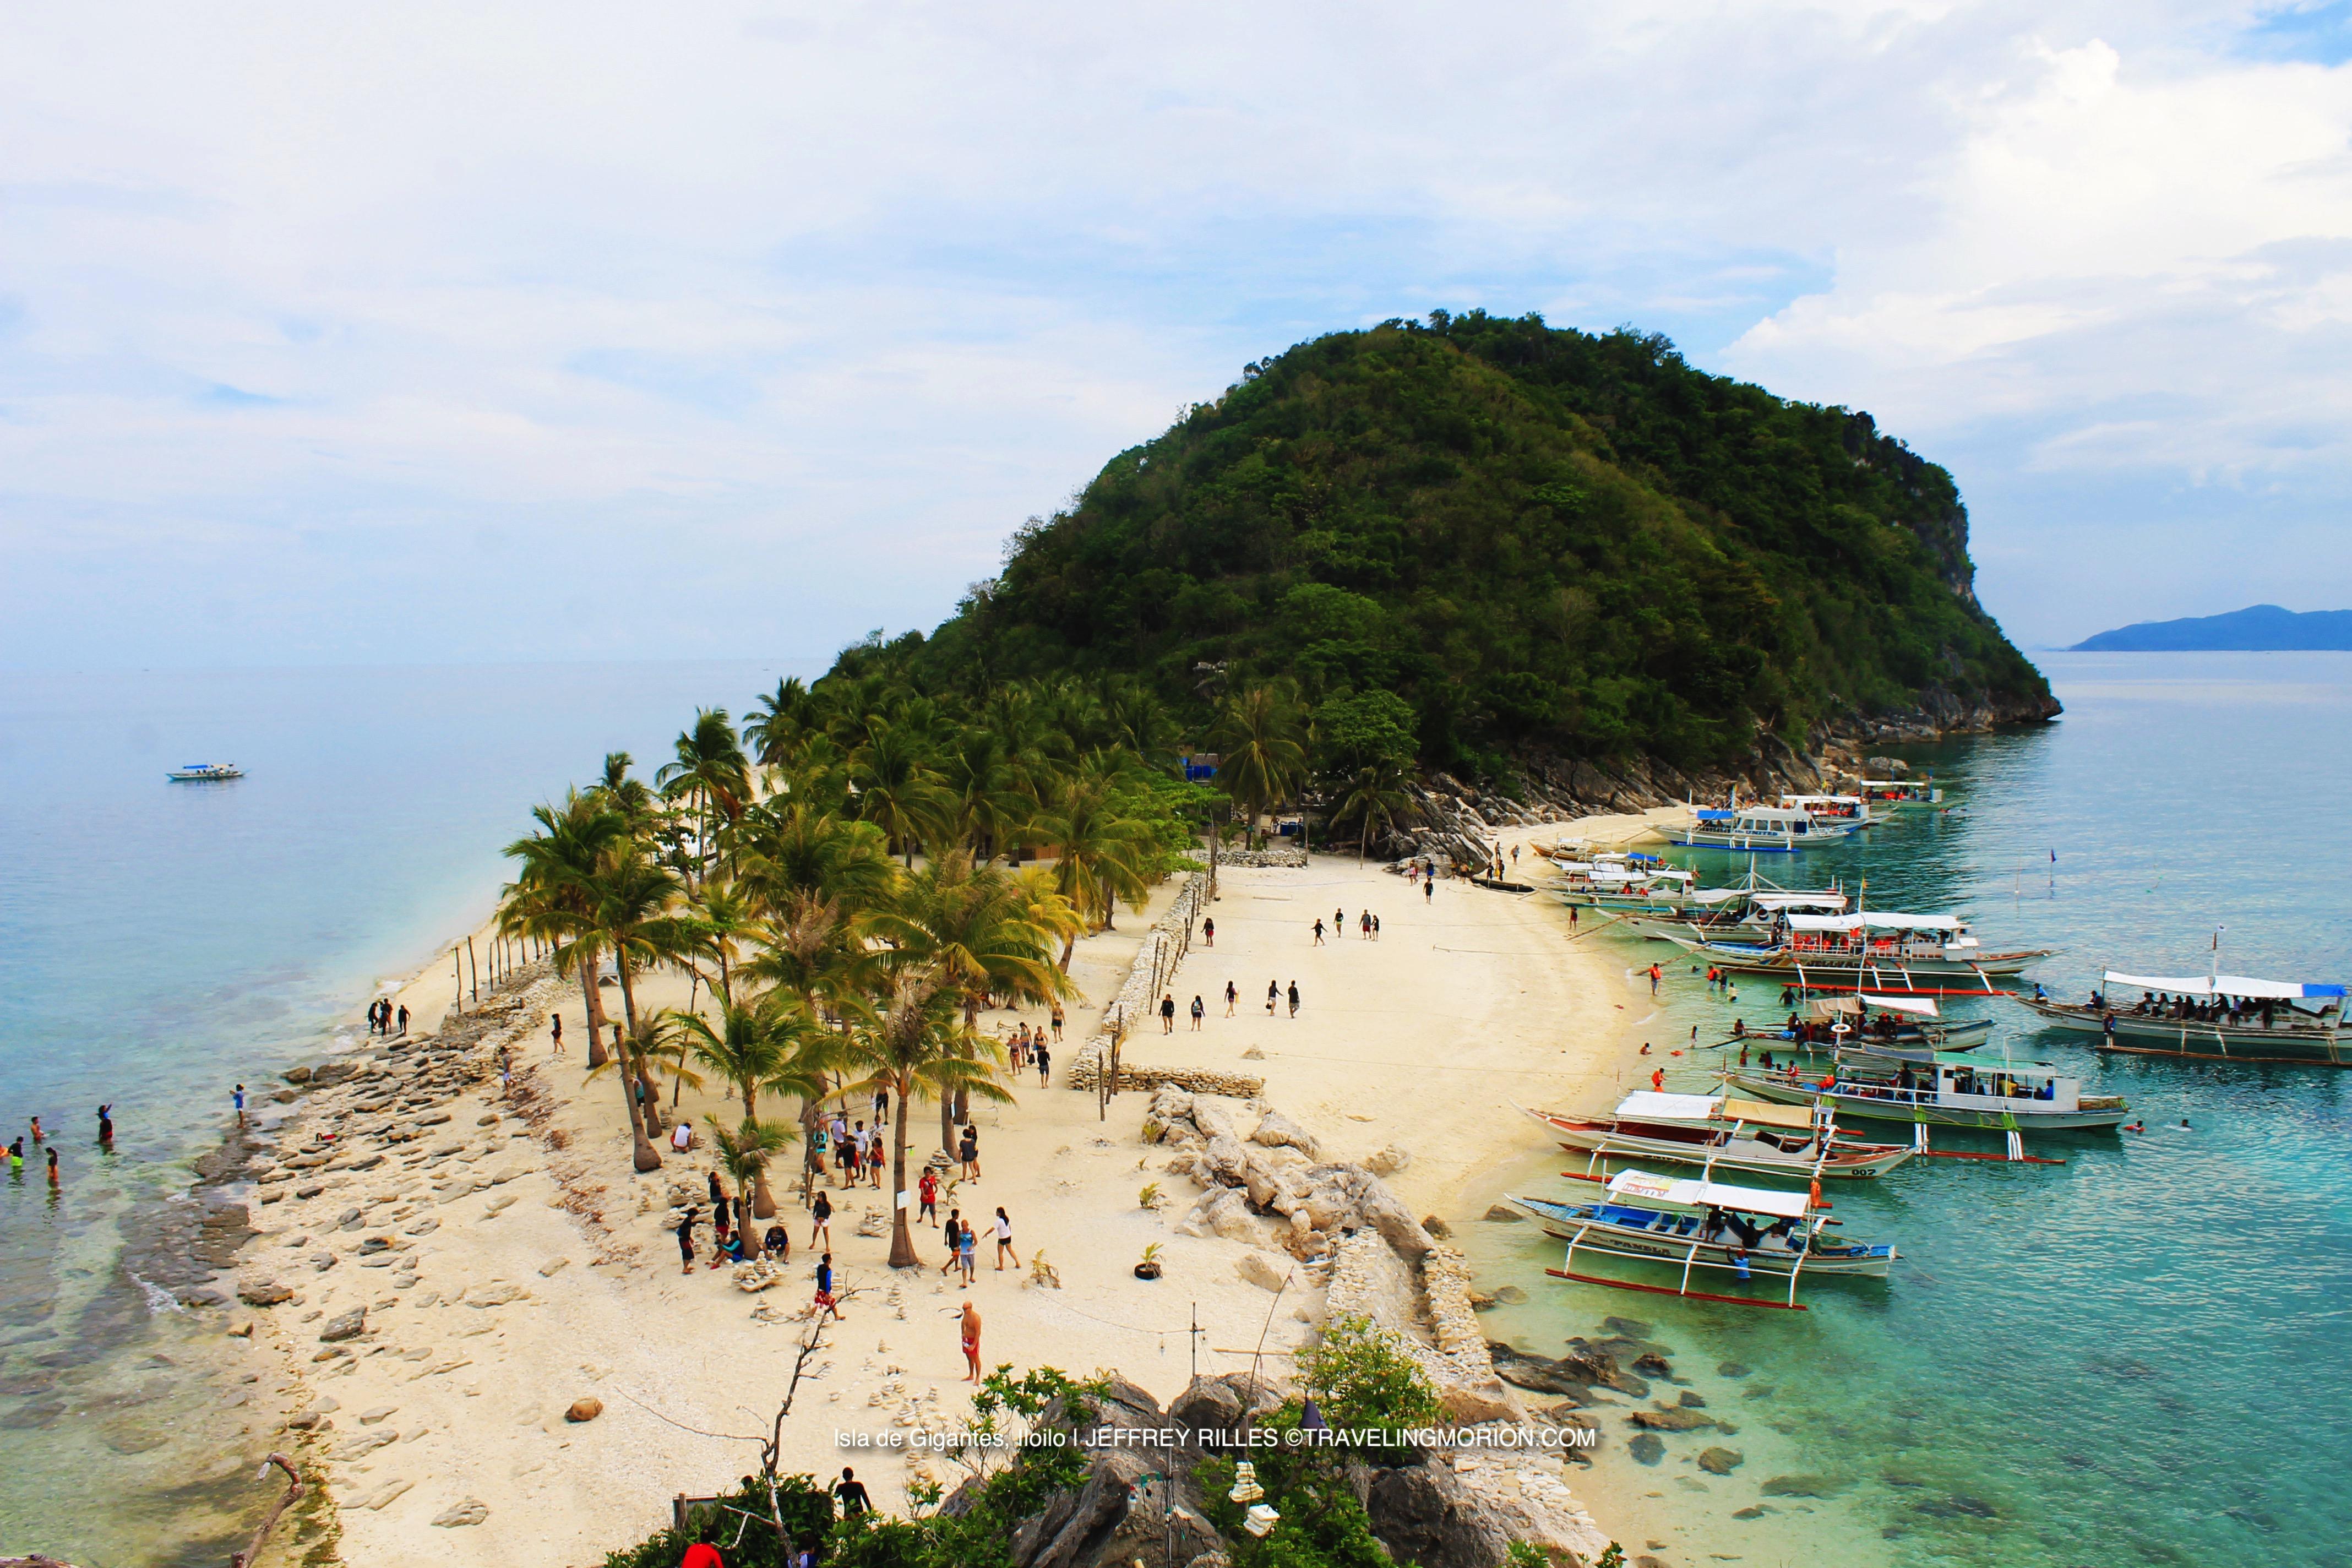 Cabugao Gamay, Islas de Gigantes